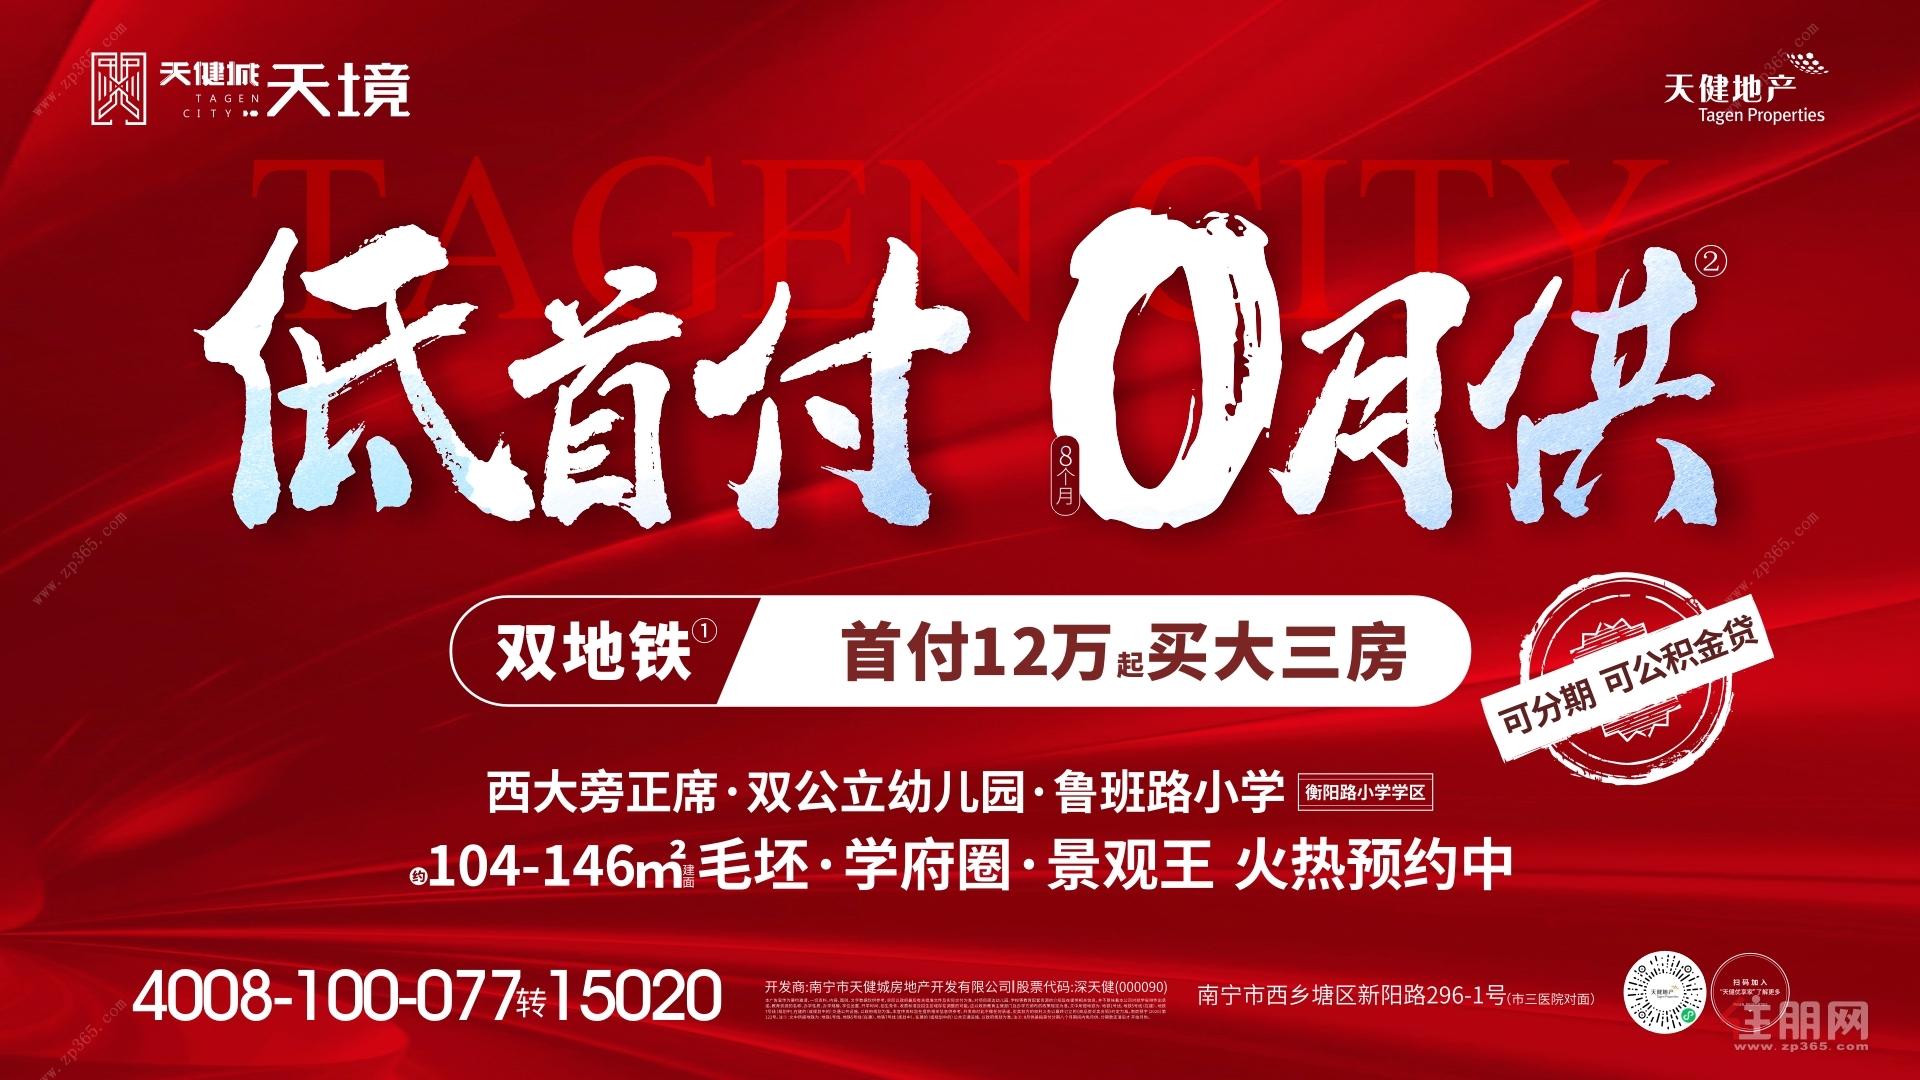 2021年2月20日西乡塘看房团:天健城·天境